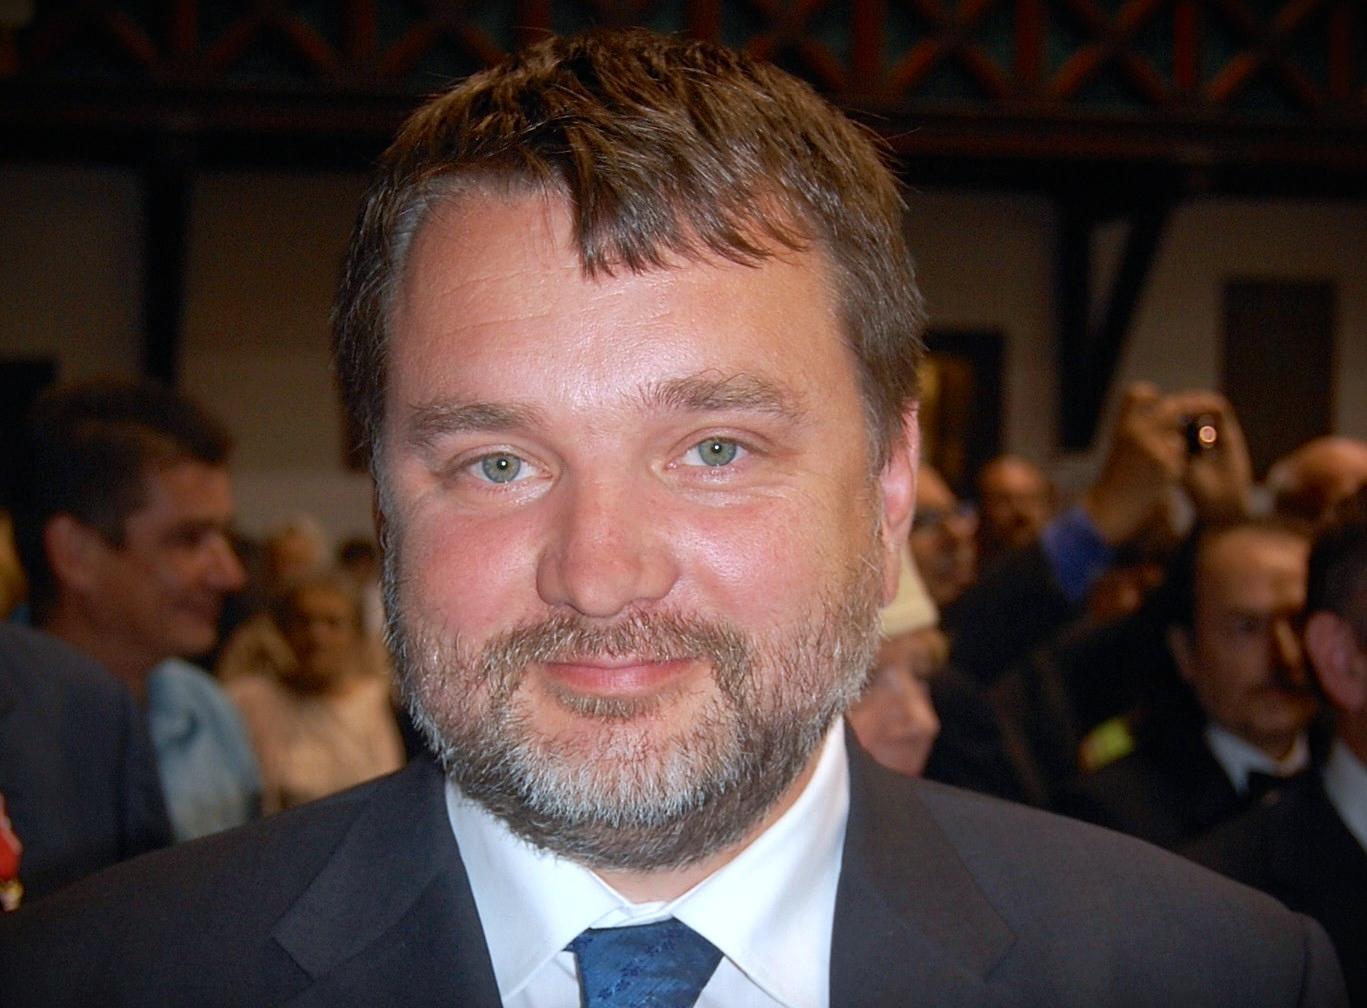 Andrzej Zapalowski, bývalý poľský europoslanec upozorňuje na nebezpečenstvo Pravého sektora aj mimo hraníc Ukrajiny. (Foto: archív)